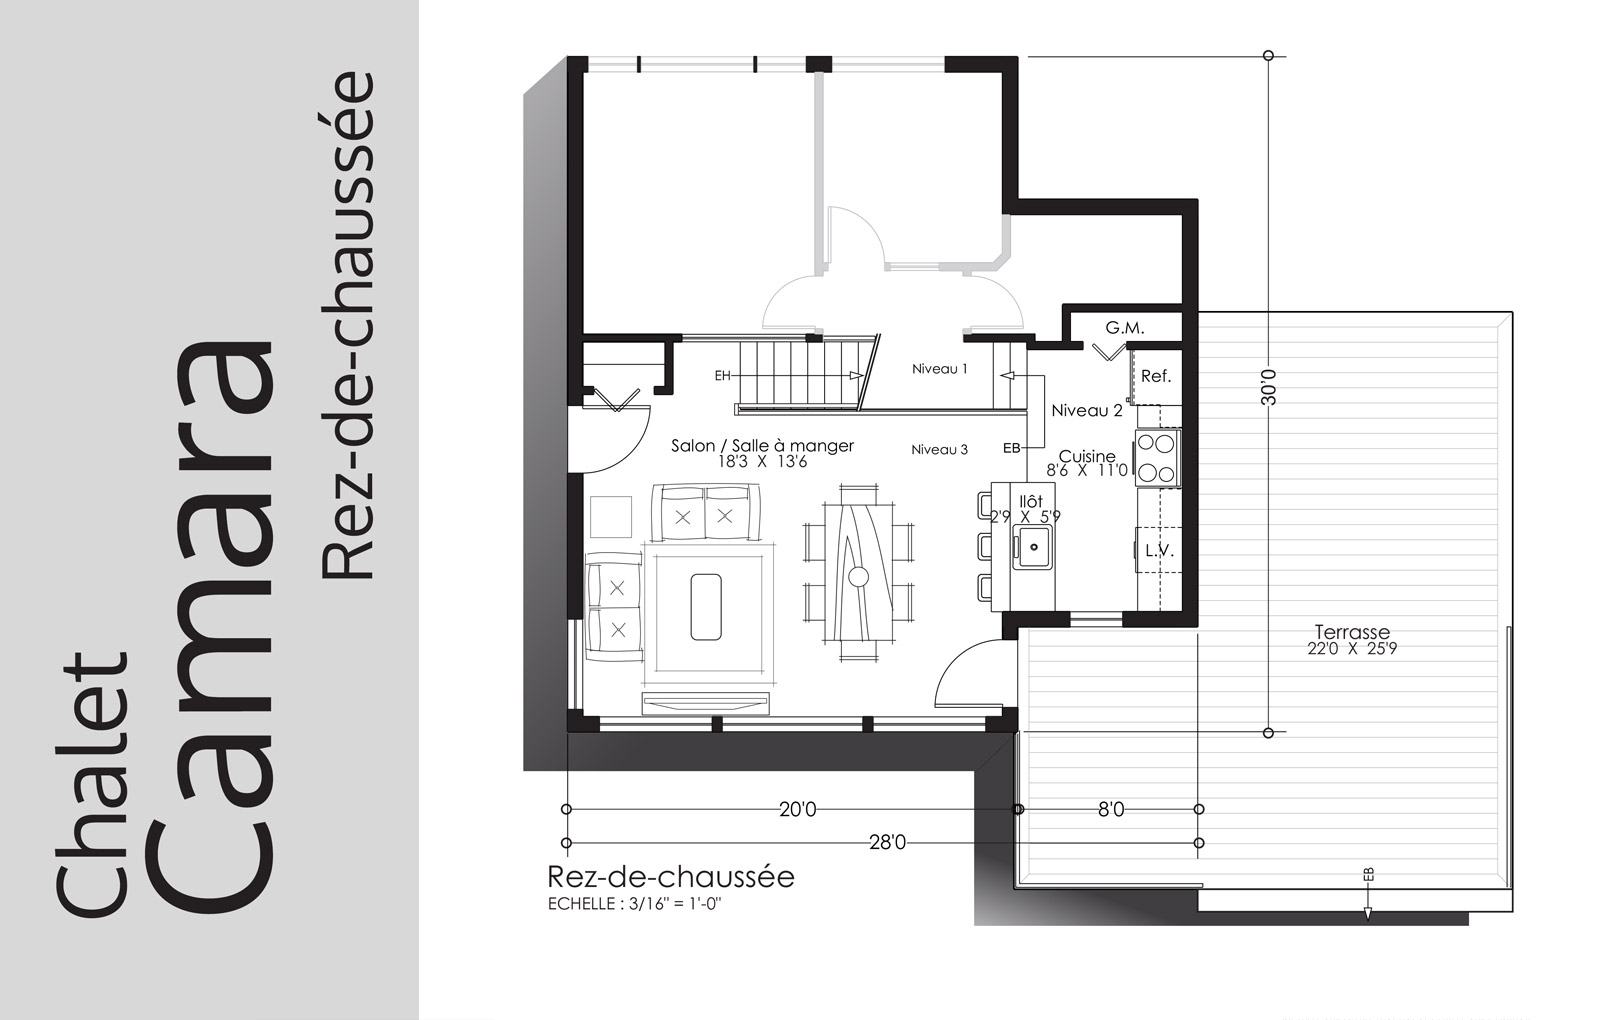 plan Camara - Rez-de-chaussée - Domaine Escapad